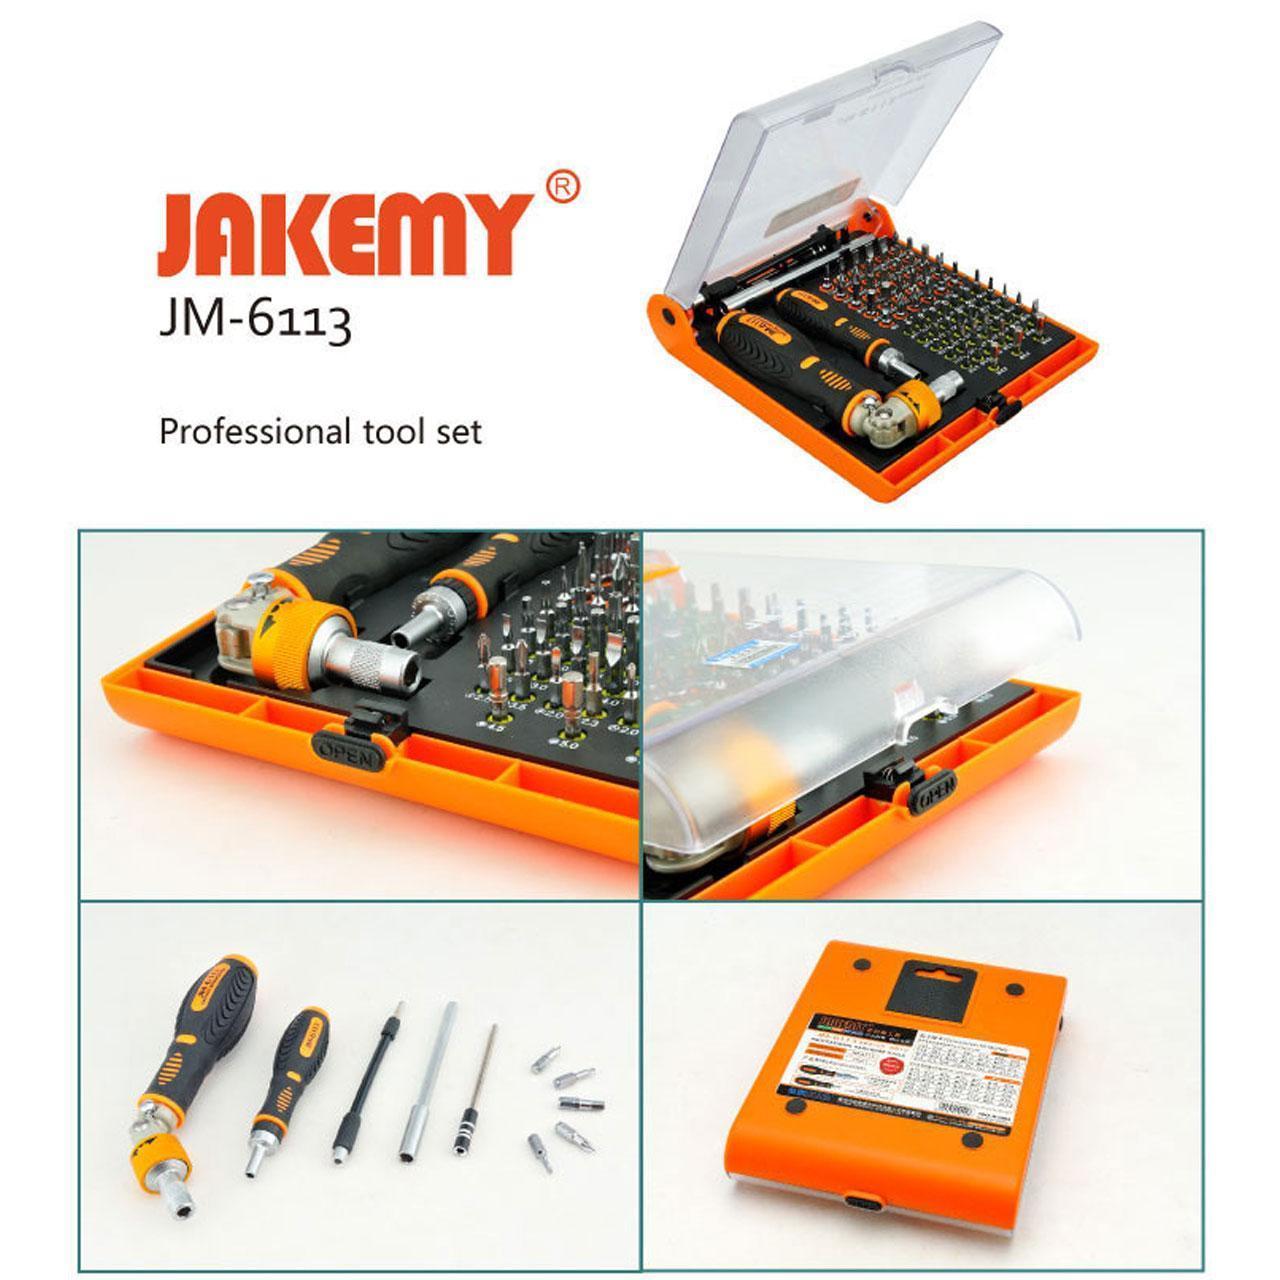 ست پیچ گوشتی JK-6113 ابزار تعمیر موبایل ، لپ تاپ و هارد